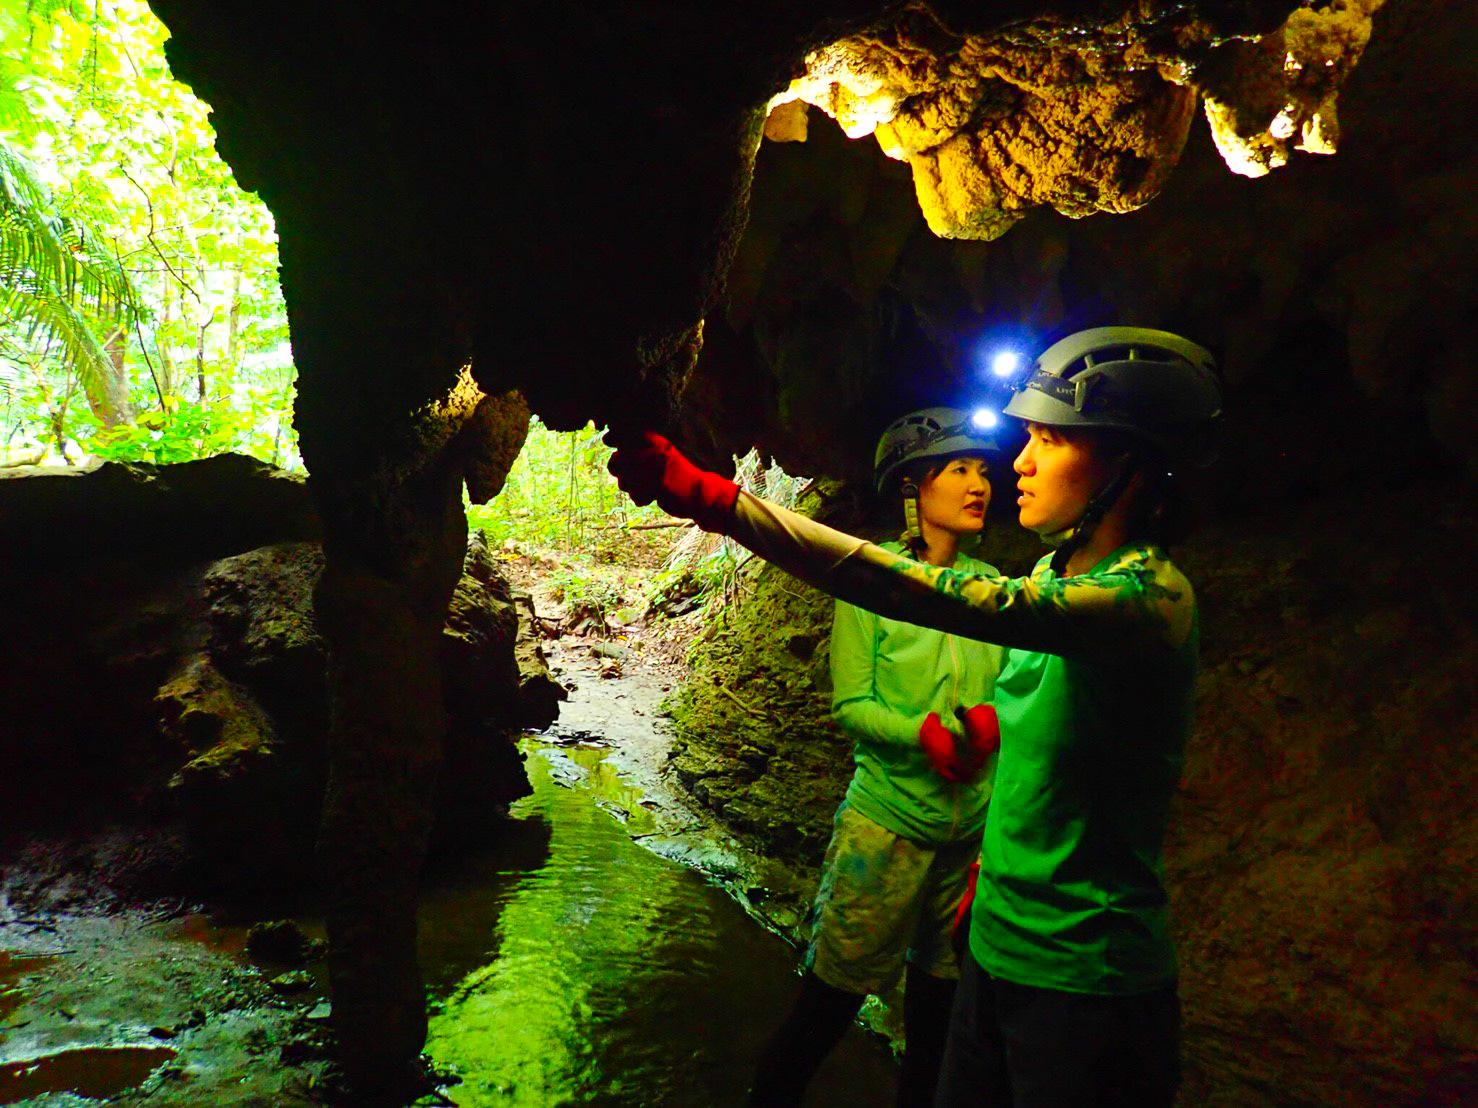 鍾乳洞体験ツアー